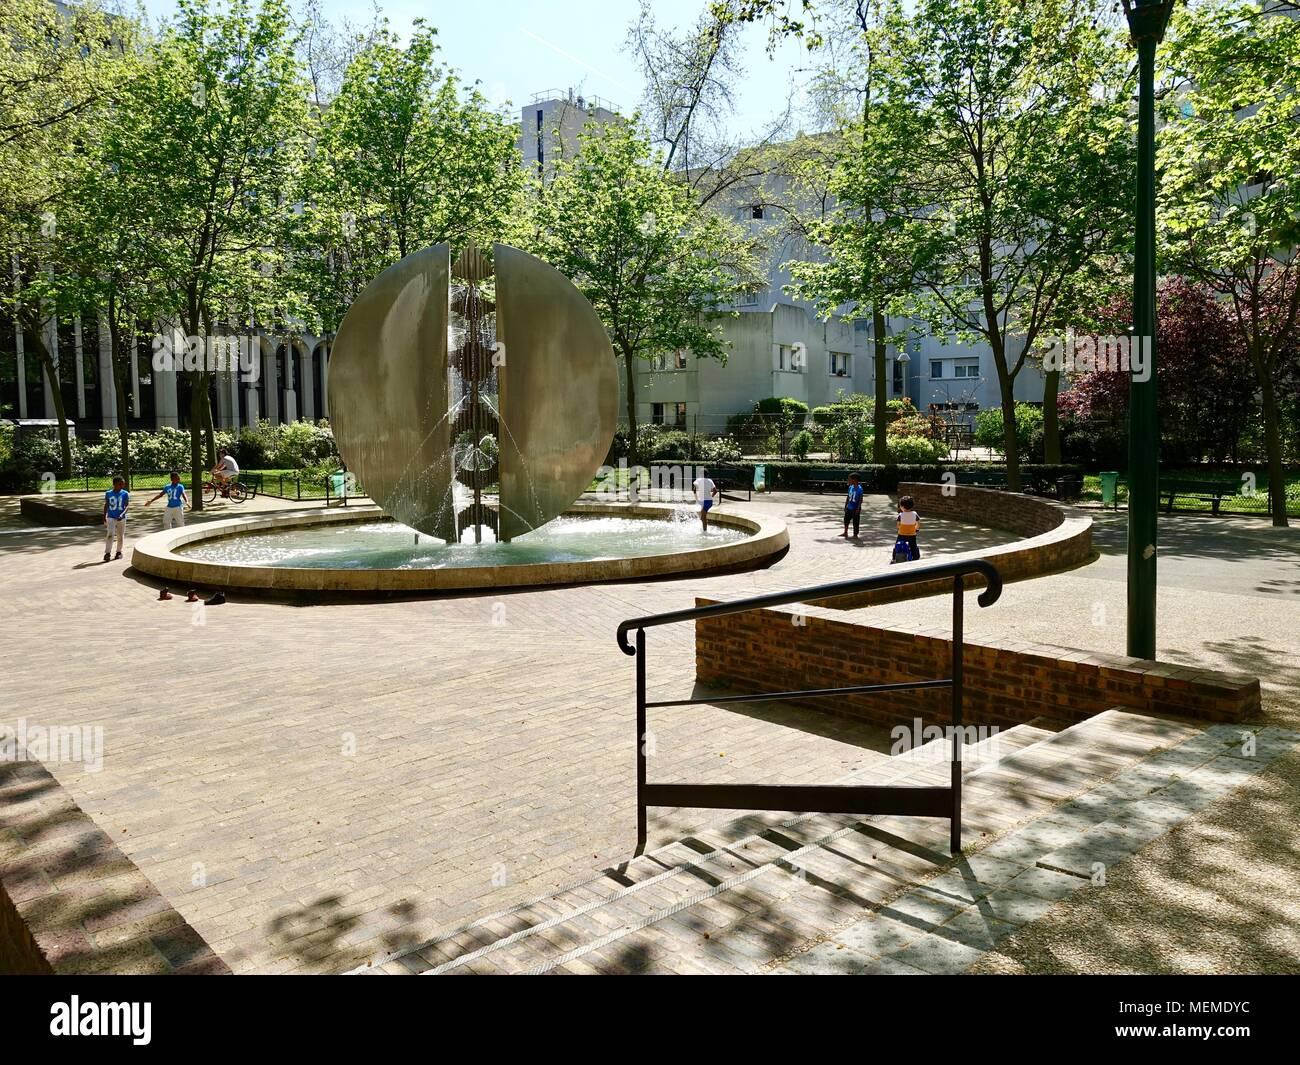 Mdy Pont L Eveque park sculpture paris stock photos & park sculpture paris